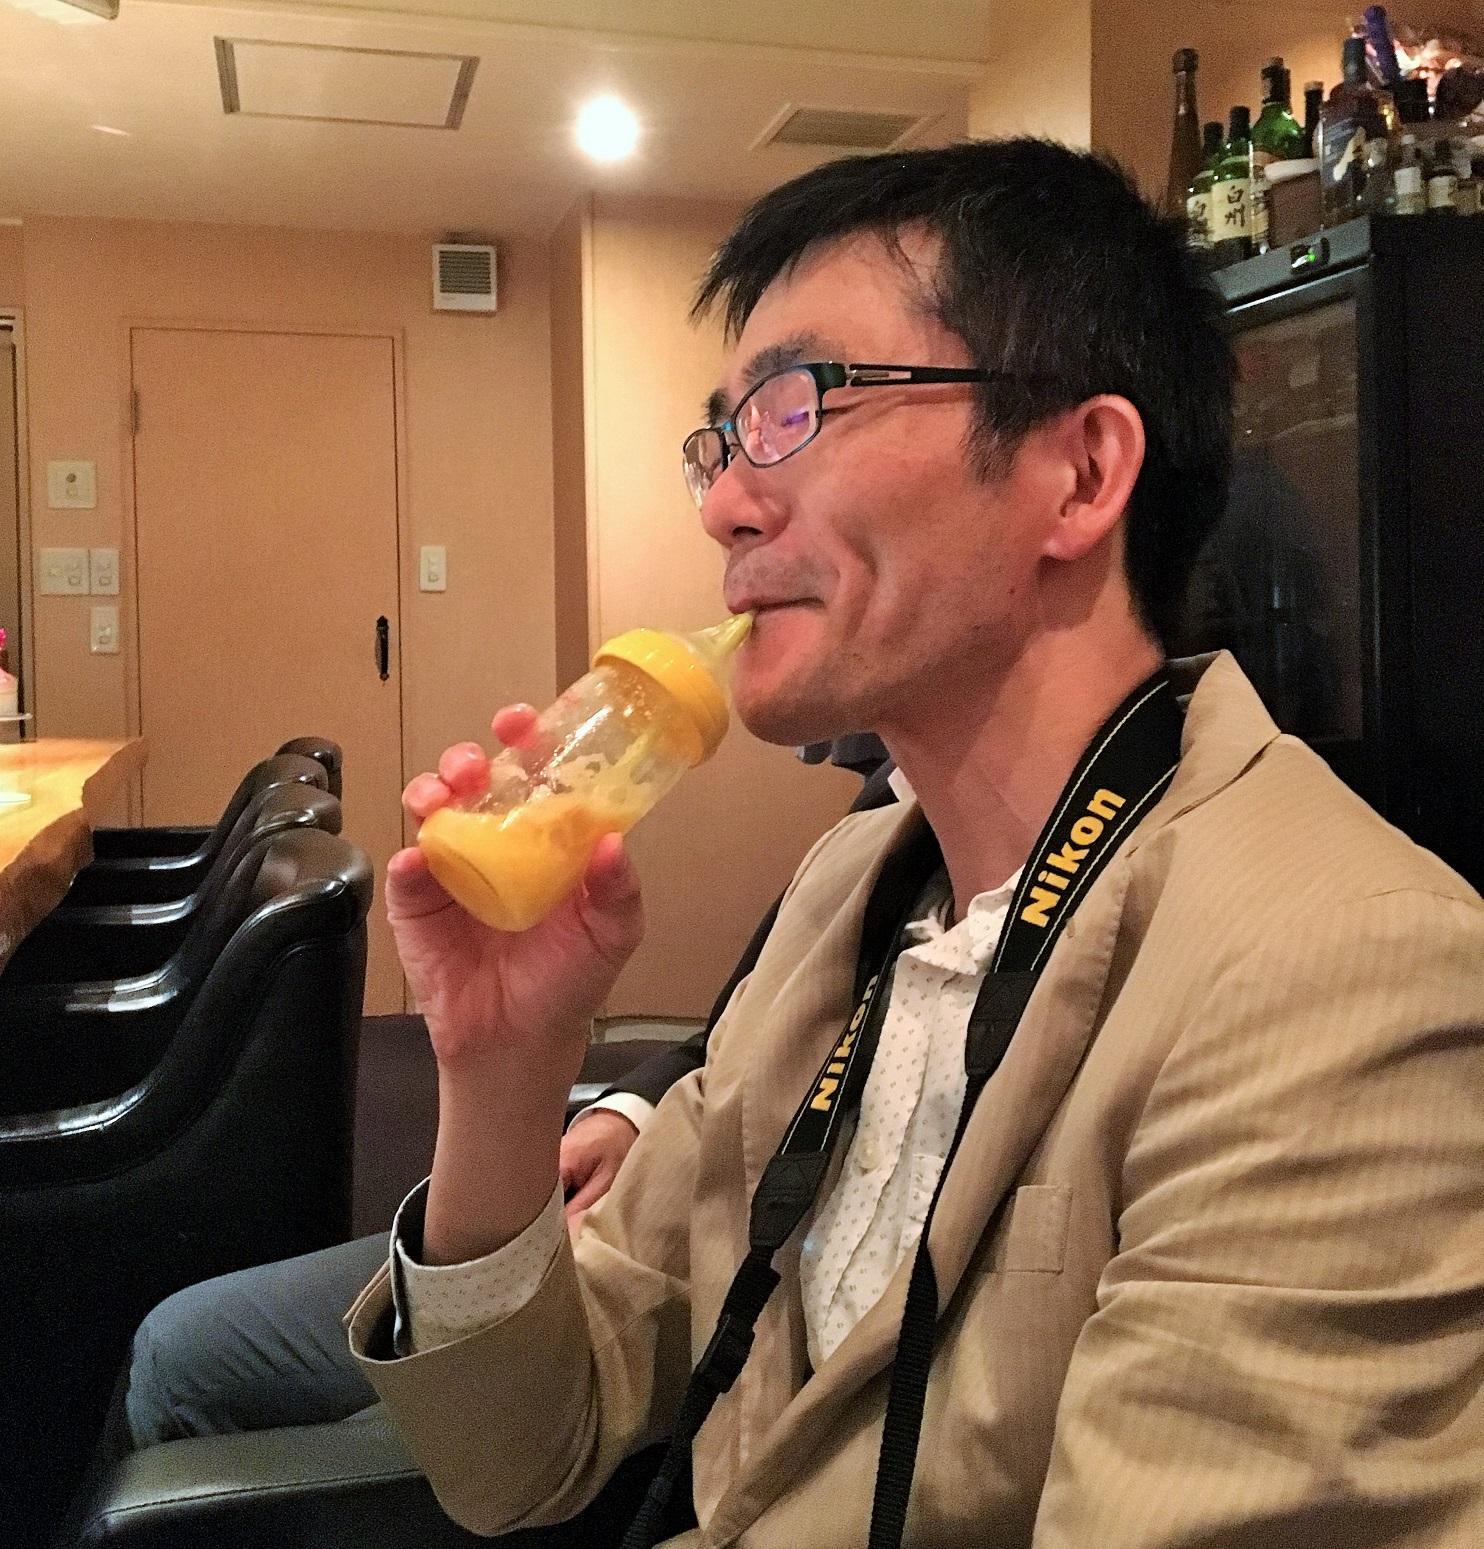 スタッフKが哺乳瓶で飲んでいるところ